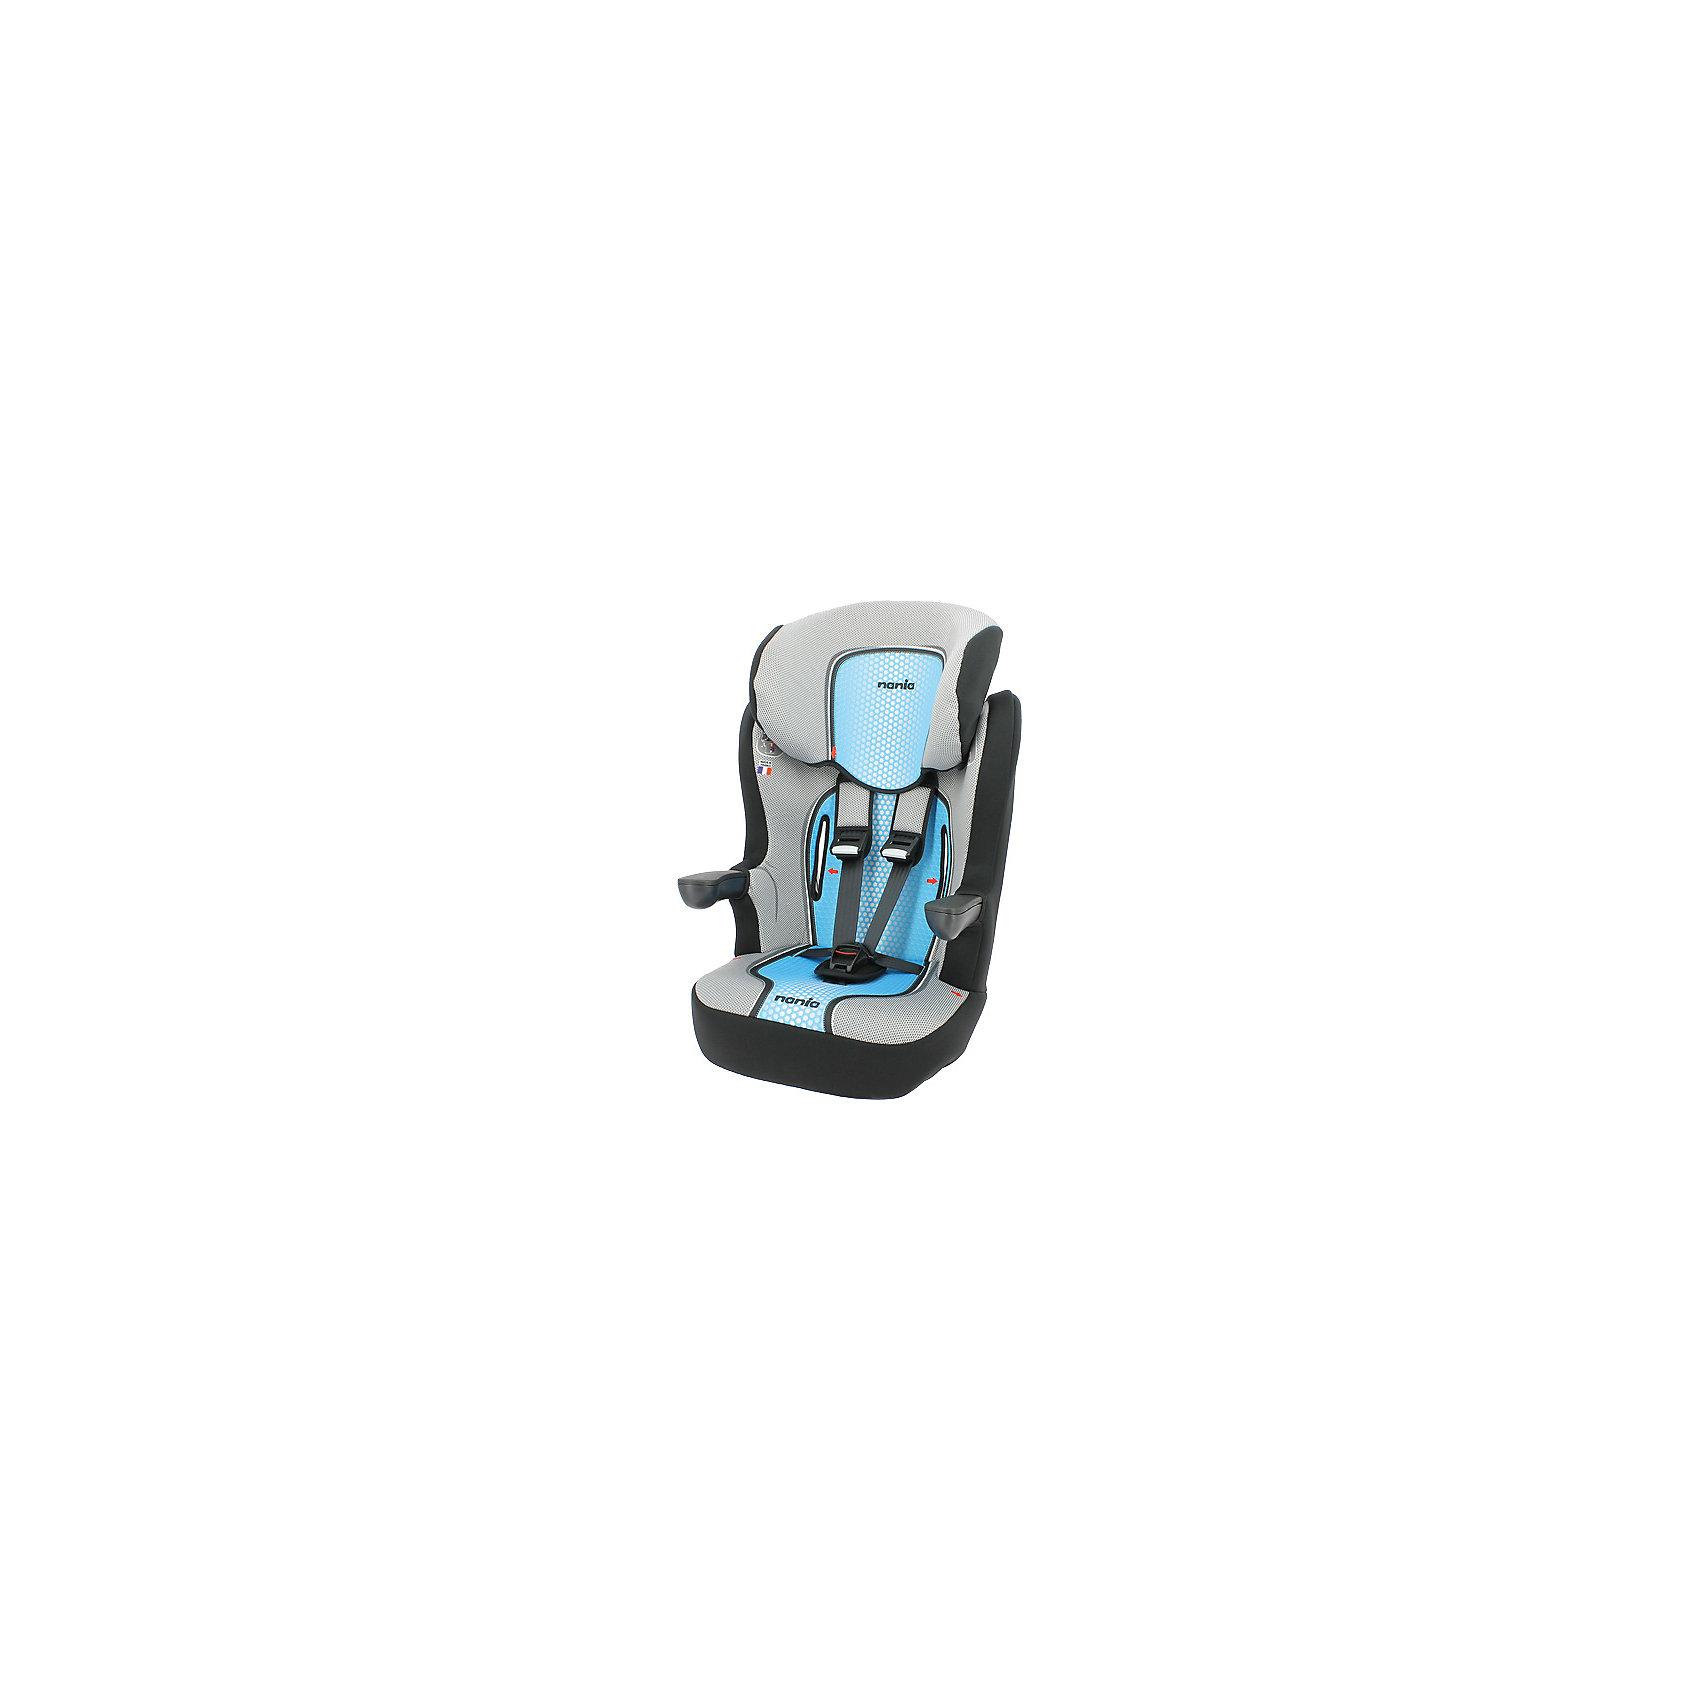 Автокресло Imax SP FST 9-36 кг., Nania, pop blueКачественное высокотехнологичное автокресло Imax SP FST от Nania позволит перевозить ребенка, не беспокоясь при этом о его безопасности. Оно предназначено для детей весом от 9 до 36 килограмм. Такое кресло обеспечит малышу не только безопасность, но и комфорт. Ребенок закрепляется  штатными автомобильными ремнями безопасности.<br>Автокресло устанавливают по ходу движения. Высокий уровень безопасности обеспечен благодаря цельному литому корпусу и продуманной конструкции автокресла. Такое кресло дает возможность свободно путешествовать, ездить в гости и при этом  быть рядом с малышом. Конструкция - очень удобная и прочная. Изделие произведено из качественных и безопасных для малышей материалов, оно соответствуют всем современным требованиям безопасности. Дополнено съемным чехлом, который можно стирать. Отлично показало себя на краш0тестах.<br> <br>Дополнительная информация:<br><br>цвет: голубой, черный, серый;<br>материал: текстиль, пластик;<br>вес ребенка:  9 до 36 кг;<br>вес кресла: 10,5 кг;<br>литой корпус;<br>съемный чехол.<br><br>Автокресло Imax SP FST от компании Nania можно купить в нашем магазине.<br><br>Ширина мм: 500<br>Глубина мм: 450<br>Высота мм: 710<br>Вес г: 10520<br>Возраст от месяцев: 9<br>Возраст до месяцев: 144<br>Пол: Унисекс<br>Возраст: Детский<br>SKU: 4860512